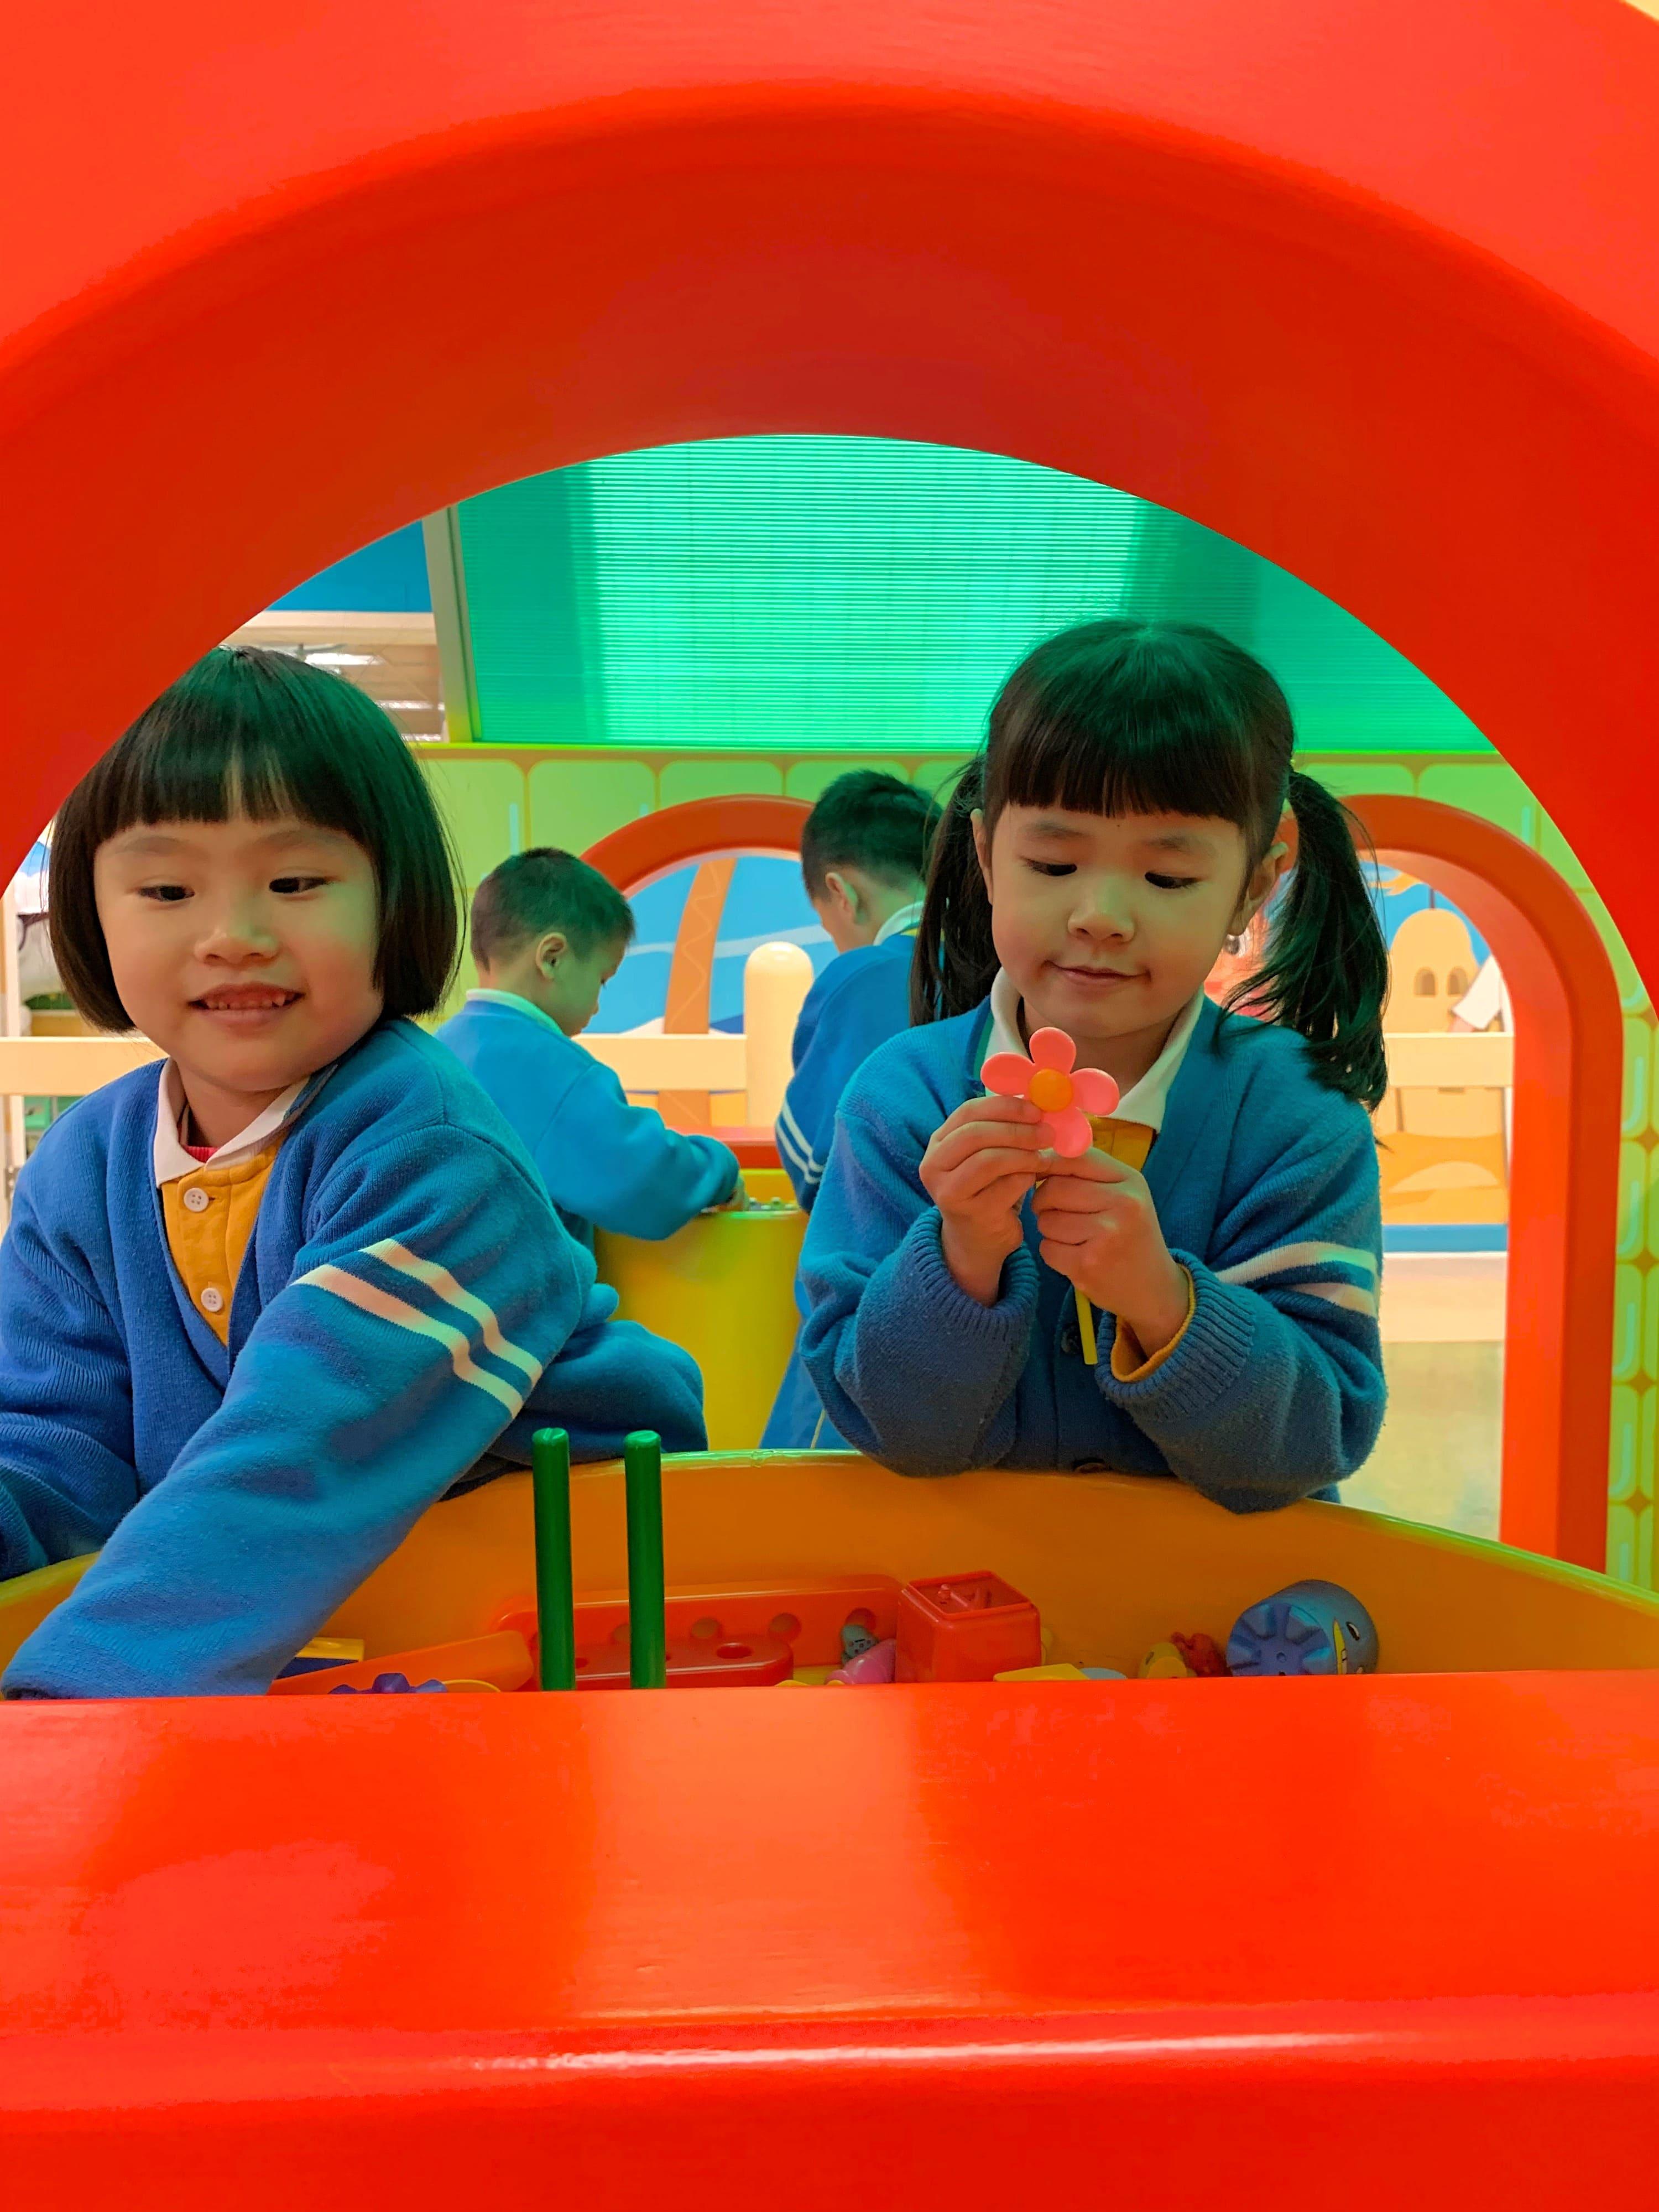 slide-14 slide